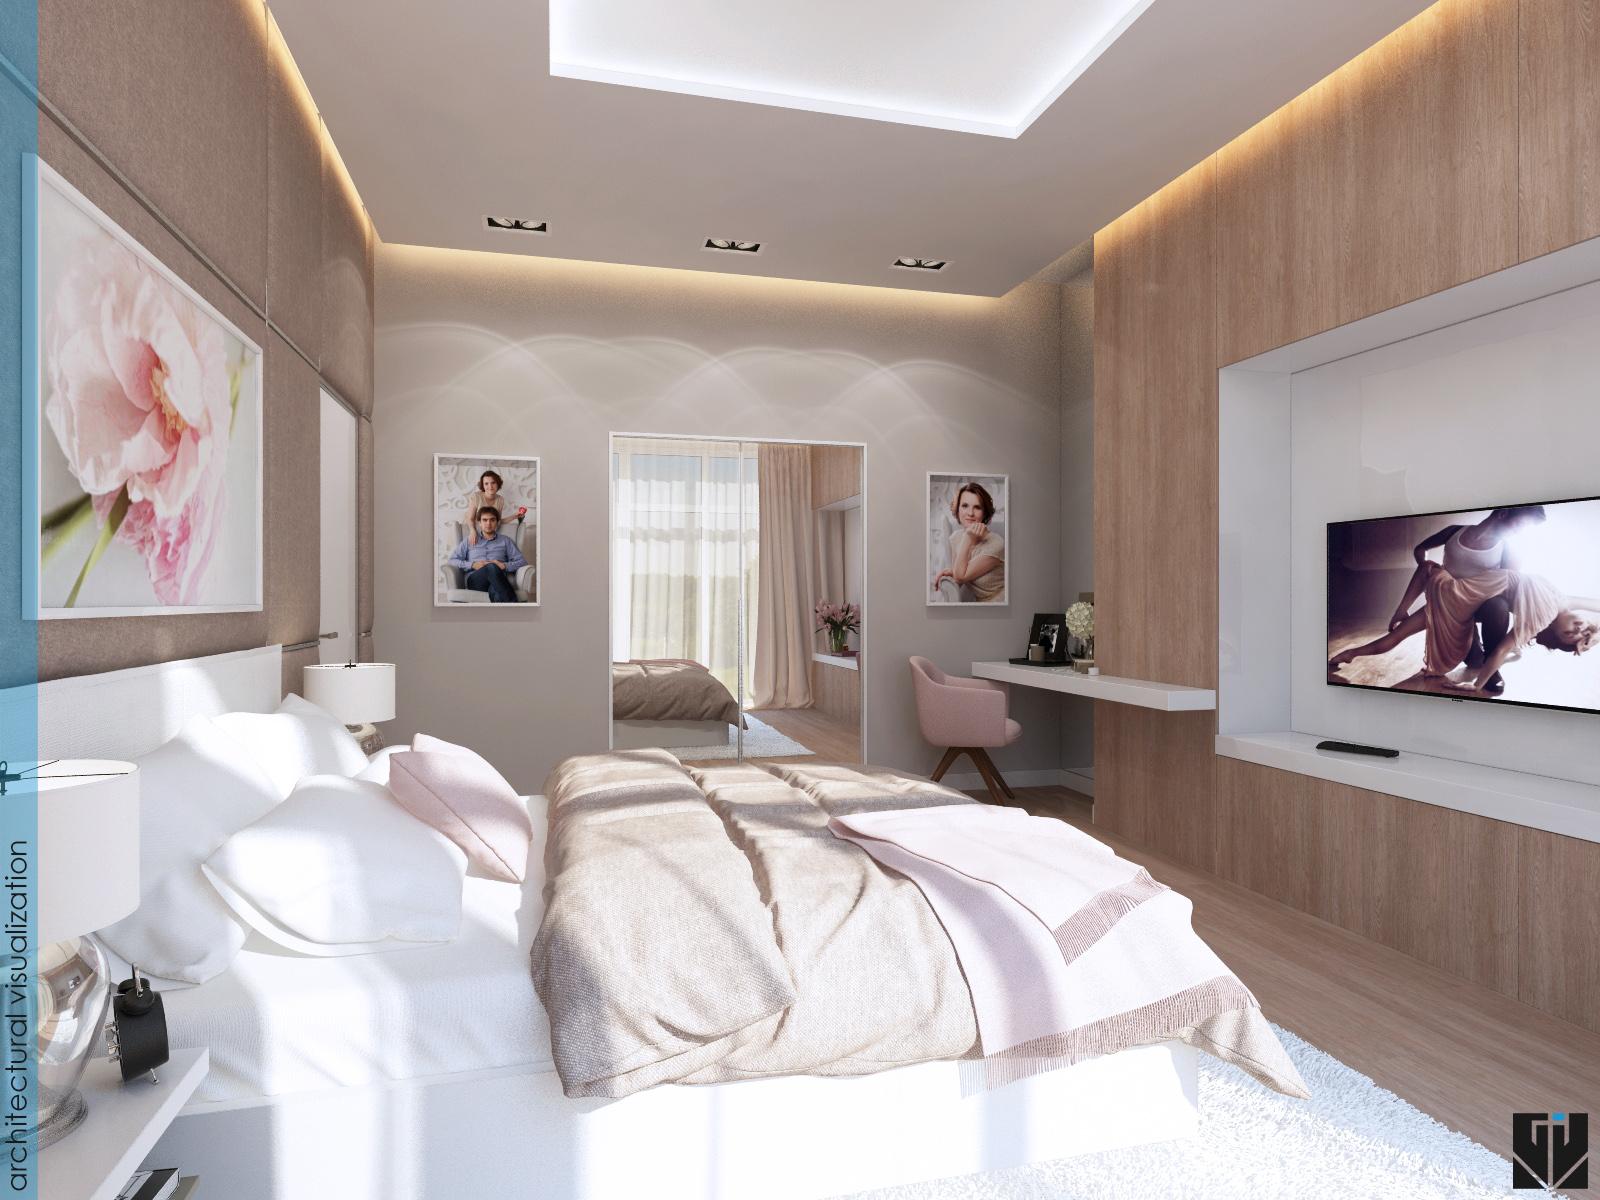 Bedroom_Sweet dreams